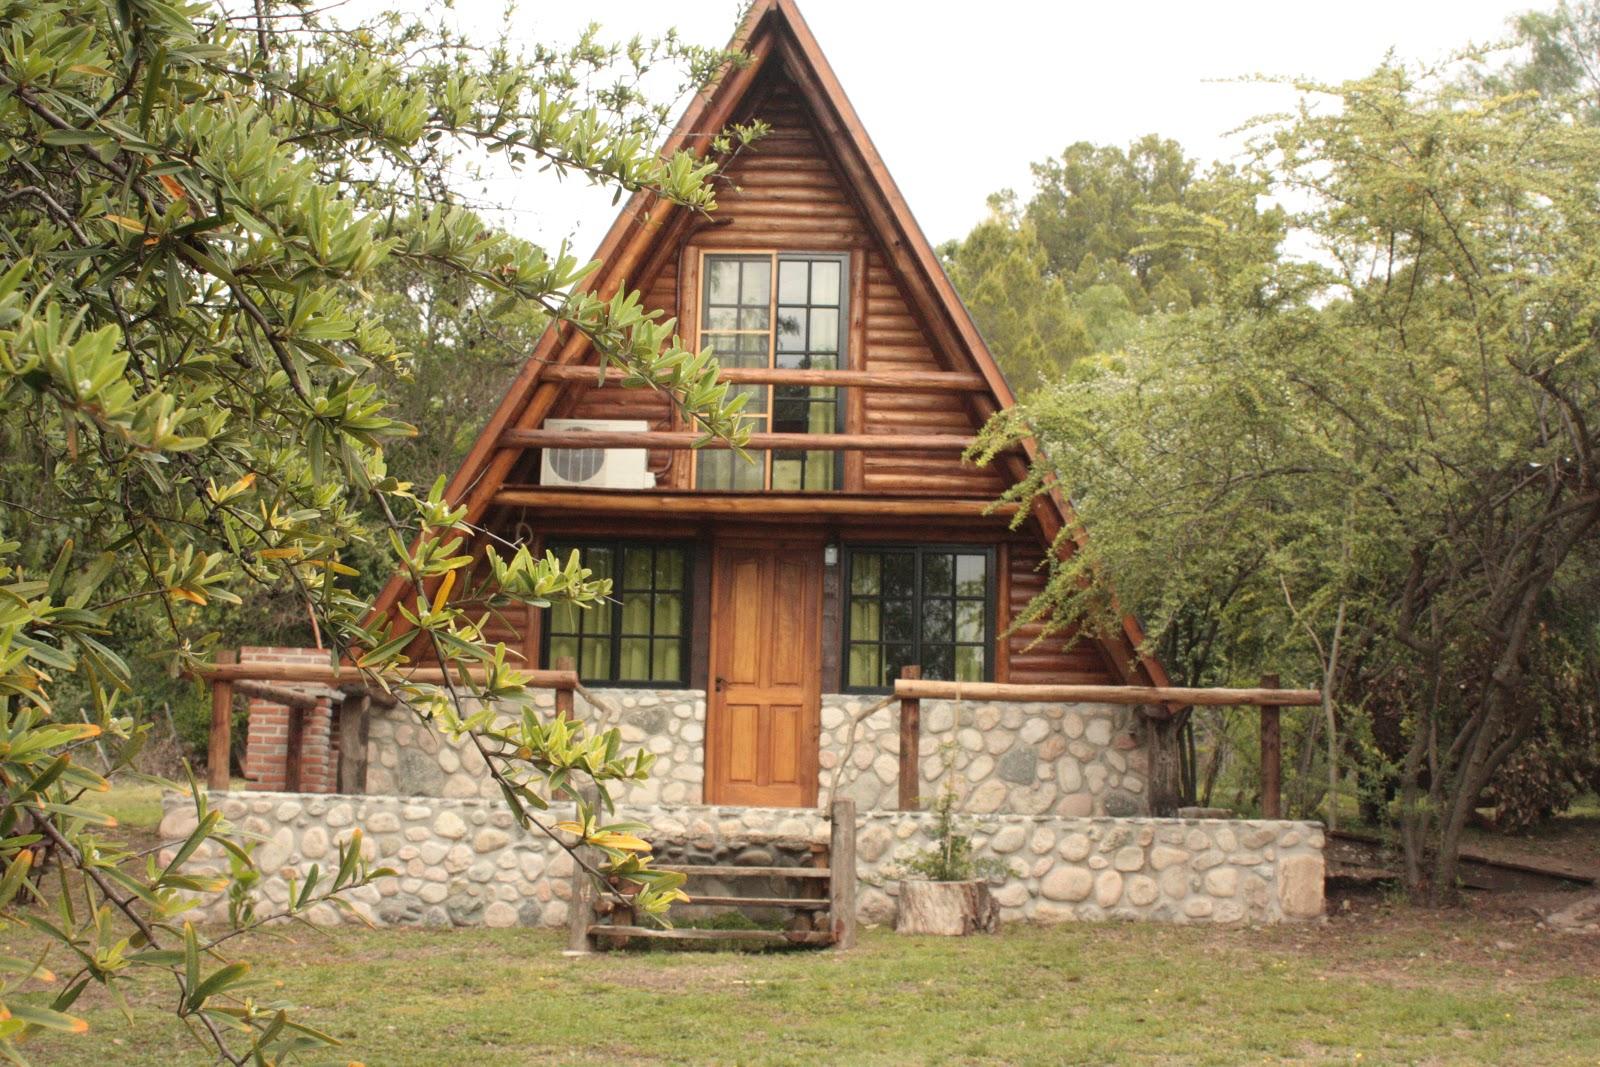 Caba as dos arroyos - Fotos de bungalows de madera ...